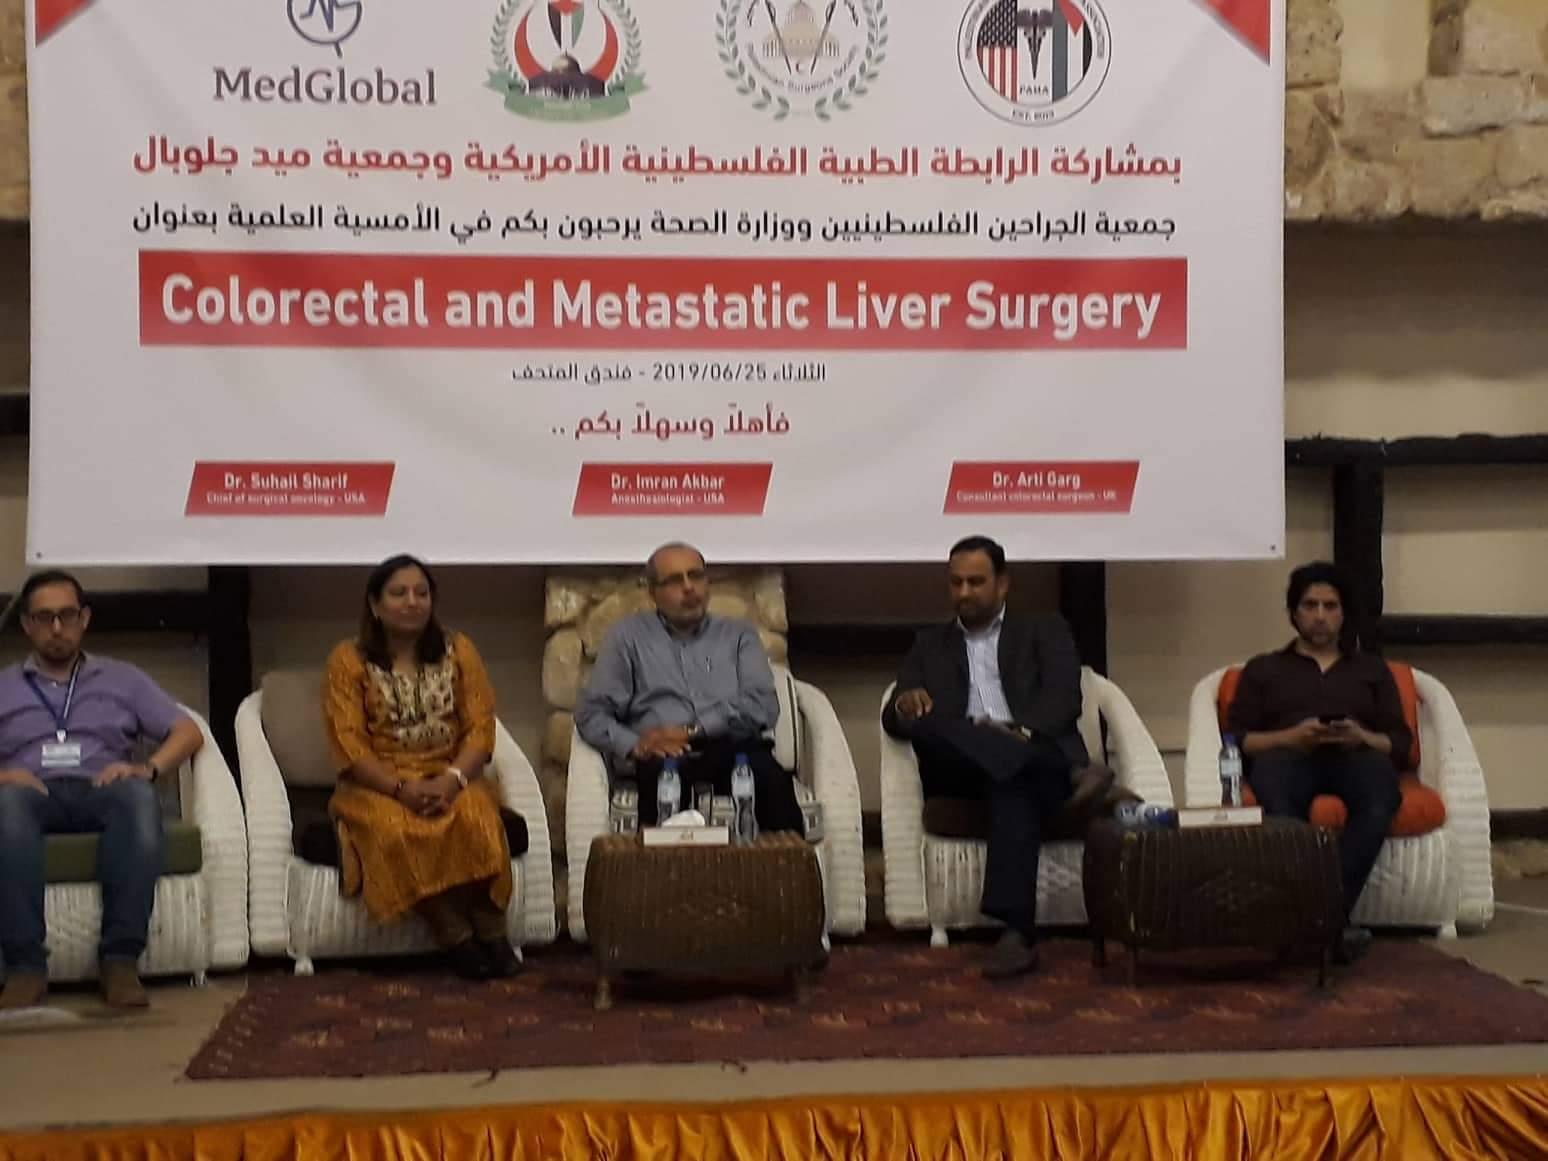 الصحة وجمعية الجراحين تعقدان امسية علمية حول جراحات المستقيم والكبد